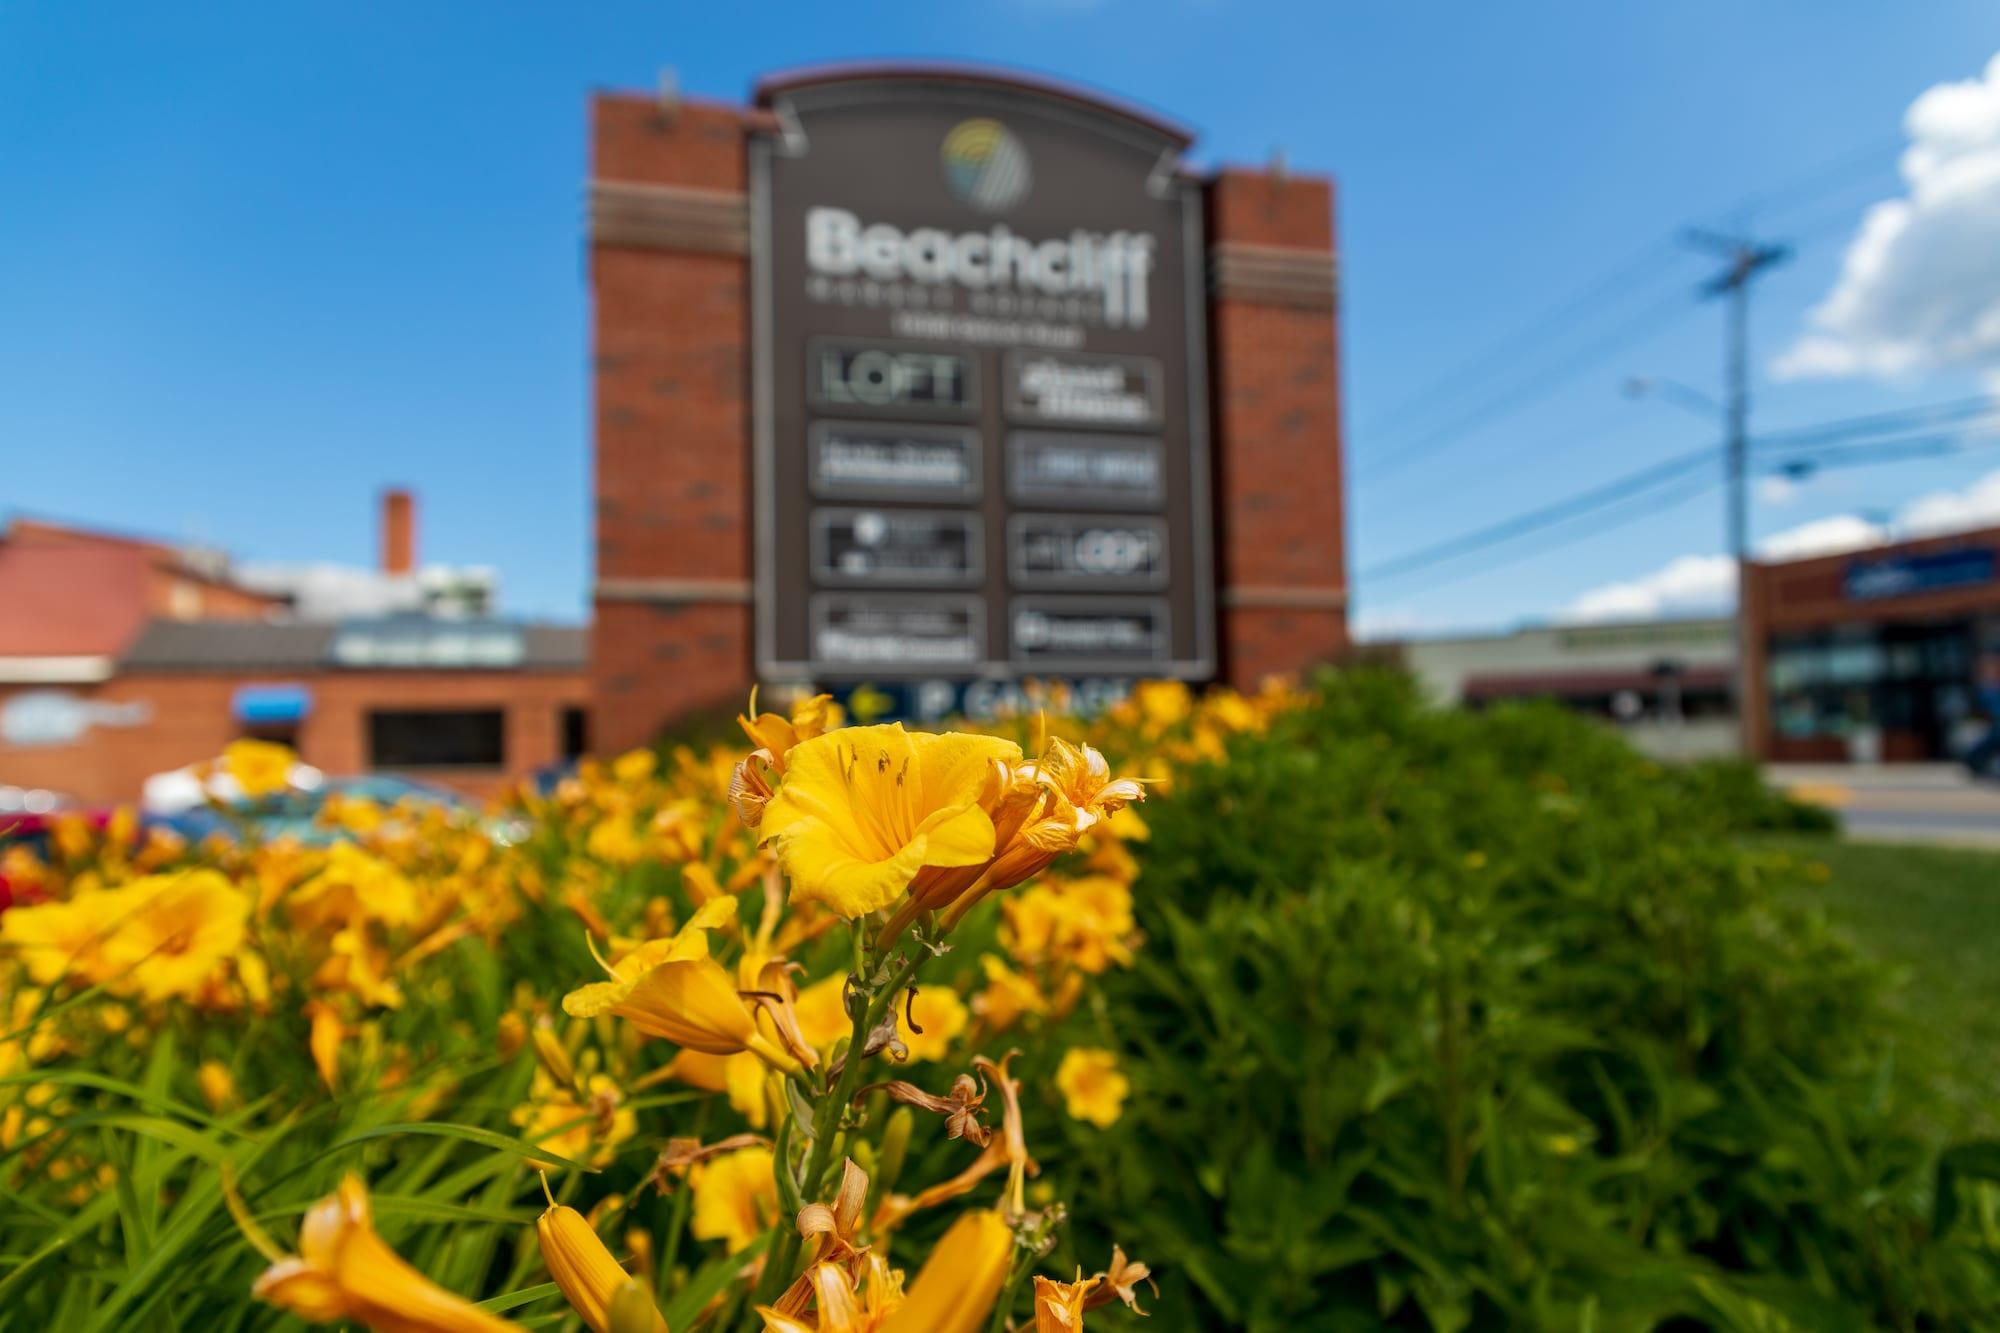 Rocky River - Beachcliff Shopping Center6